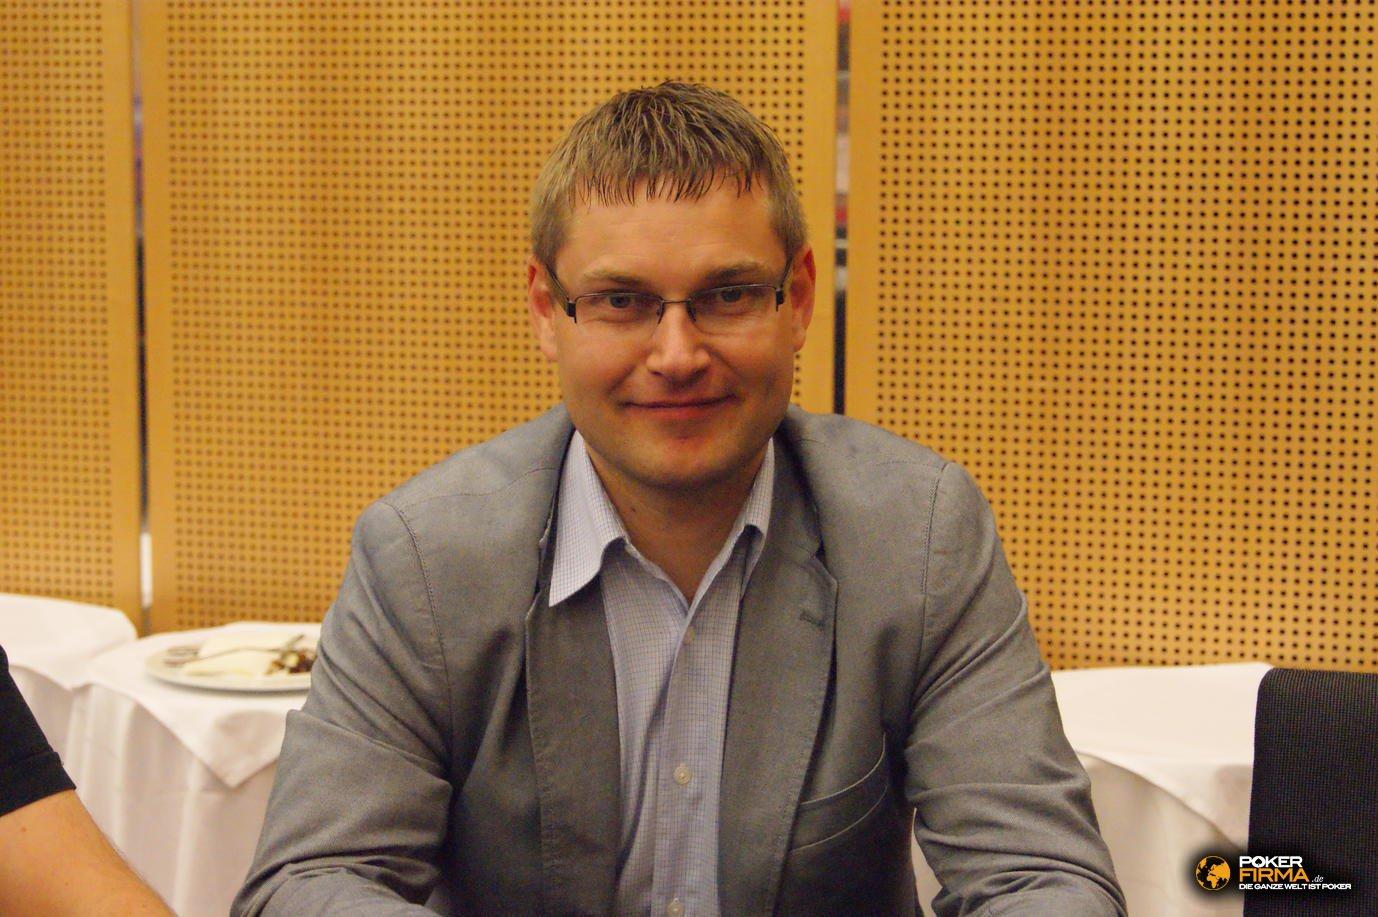 CAPT_Velden_300_NLH_14072012_Thomas_Hofmann.JPG